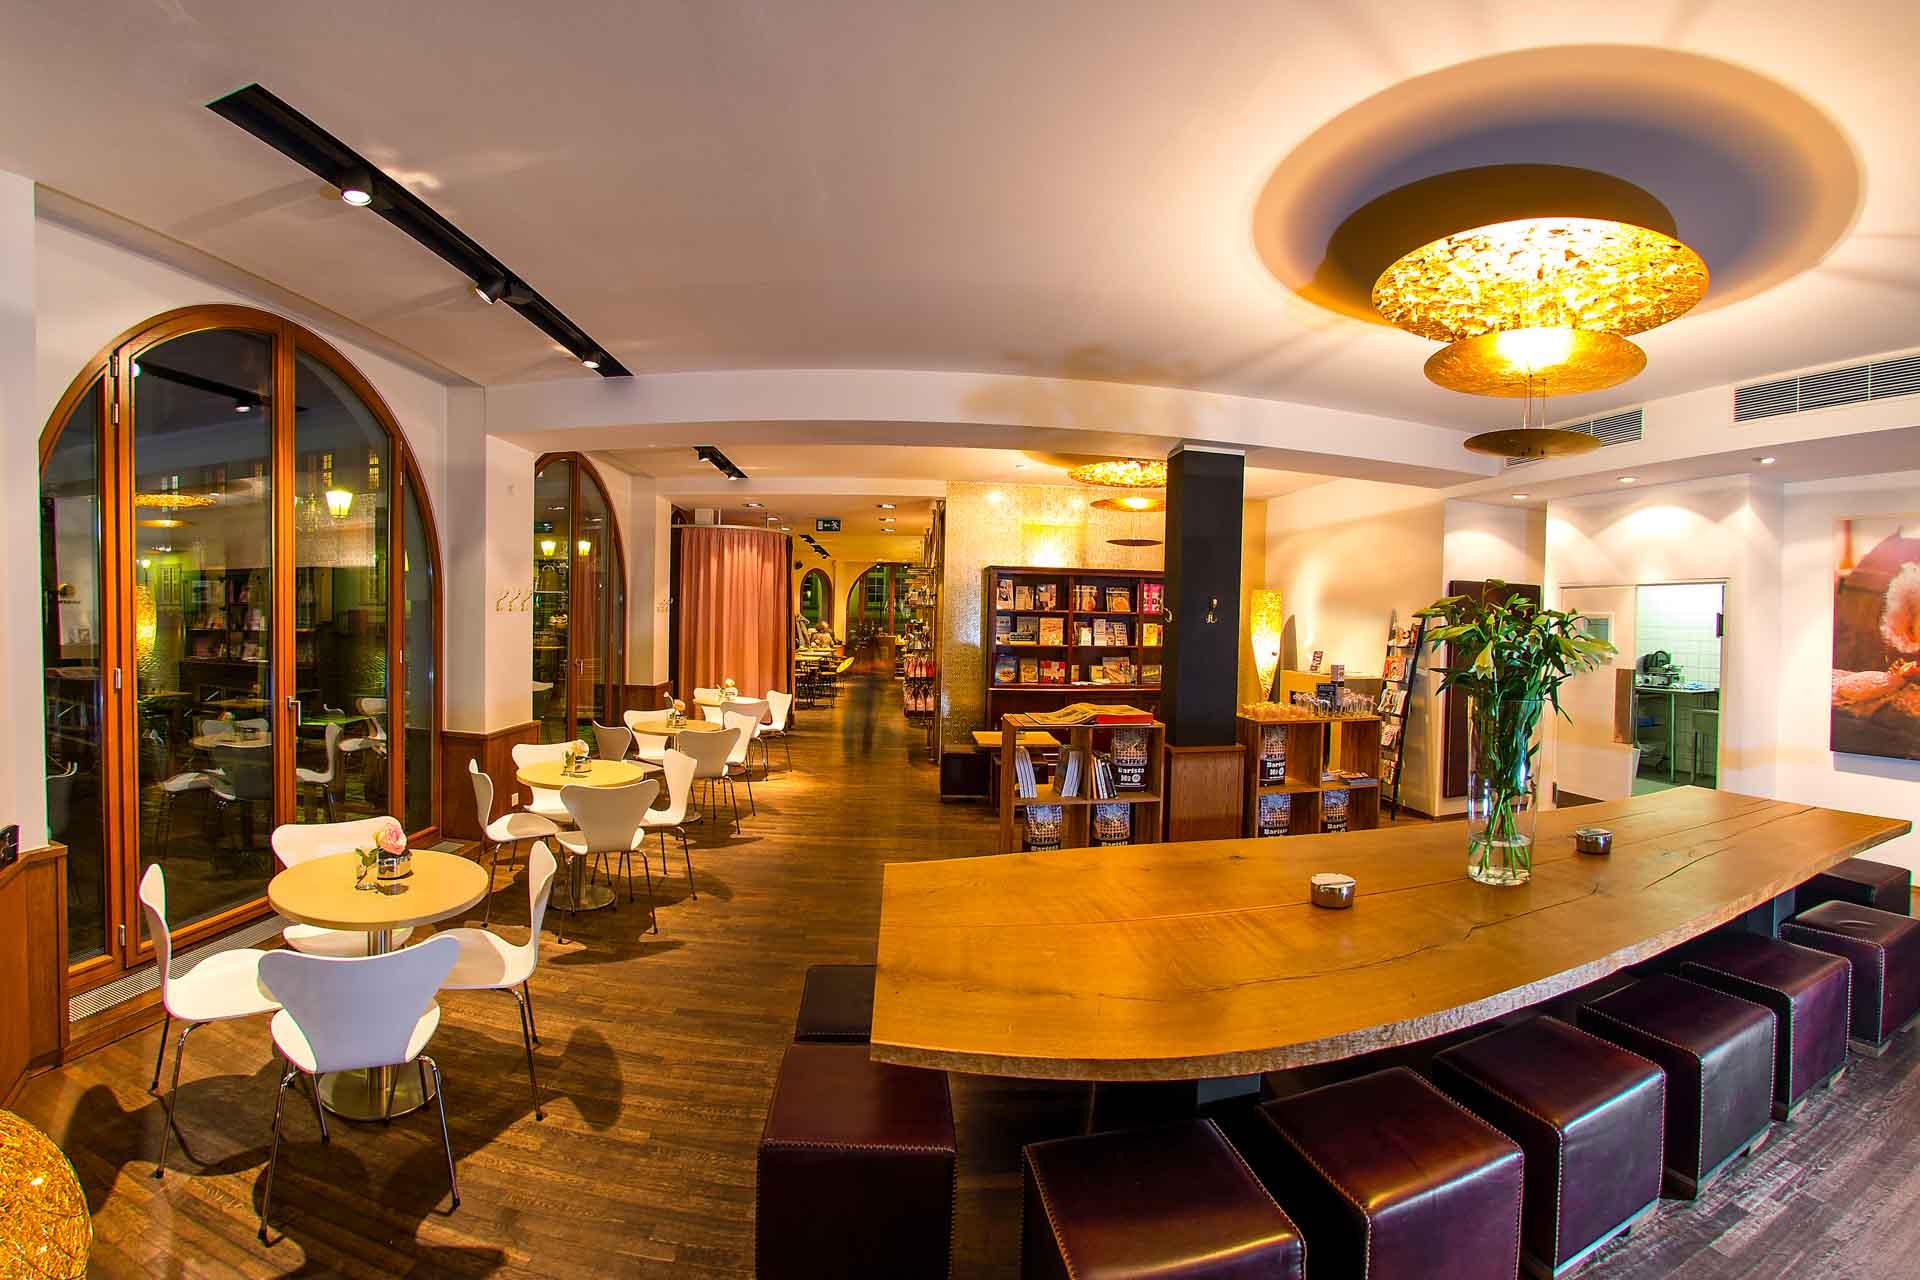 altstadt hotel koblenz 4 altstadt hotel caf koblenz. Black Bedroom Furniture Sets. Home Design Ideas